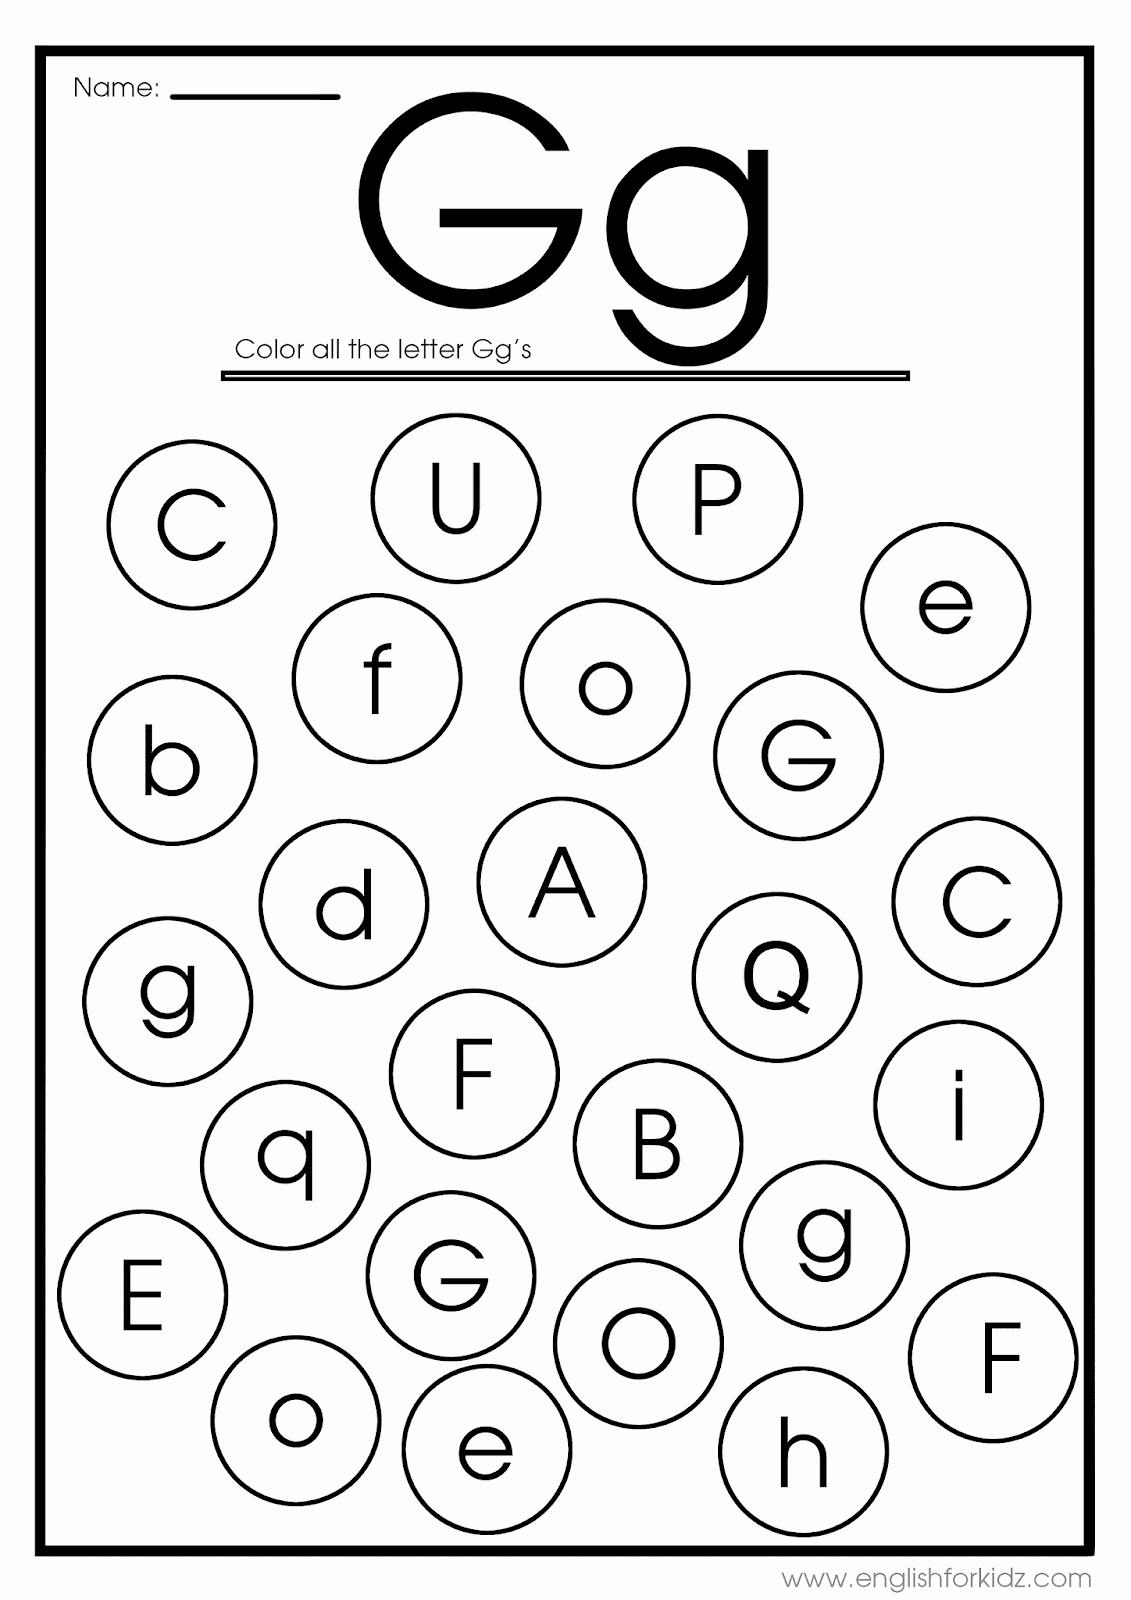 Letter G Worksheets for Kindergarten Luxury English for Kids Step by Step Letter G Worksheets Flash